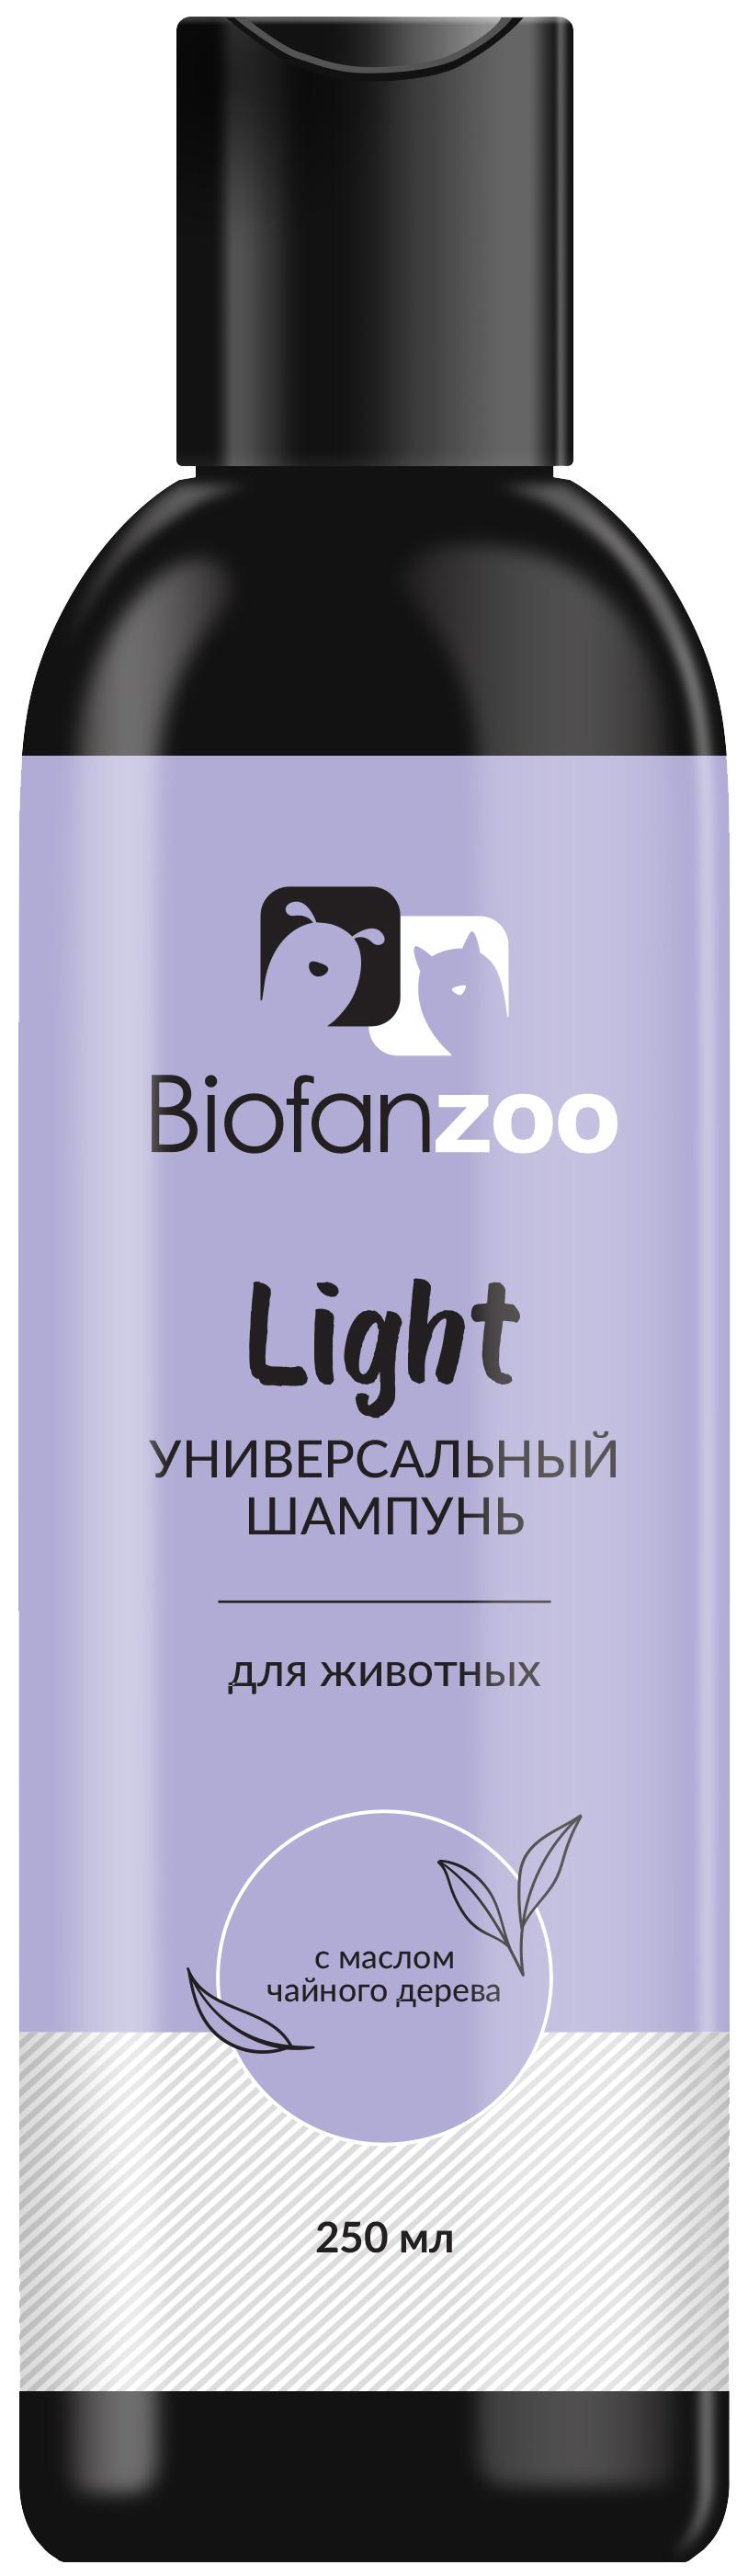 Шампунь для кошек и собак Biofan Zoo Light универсальный, масло чайного дерева, 250 мл